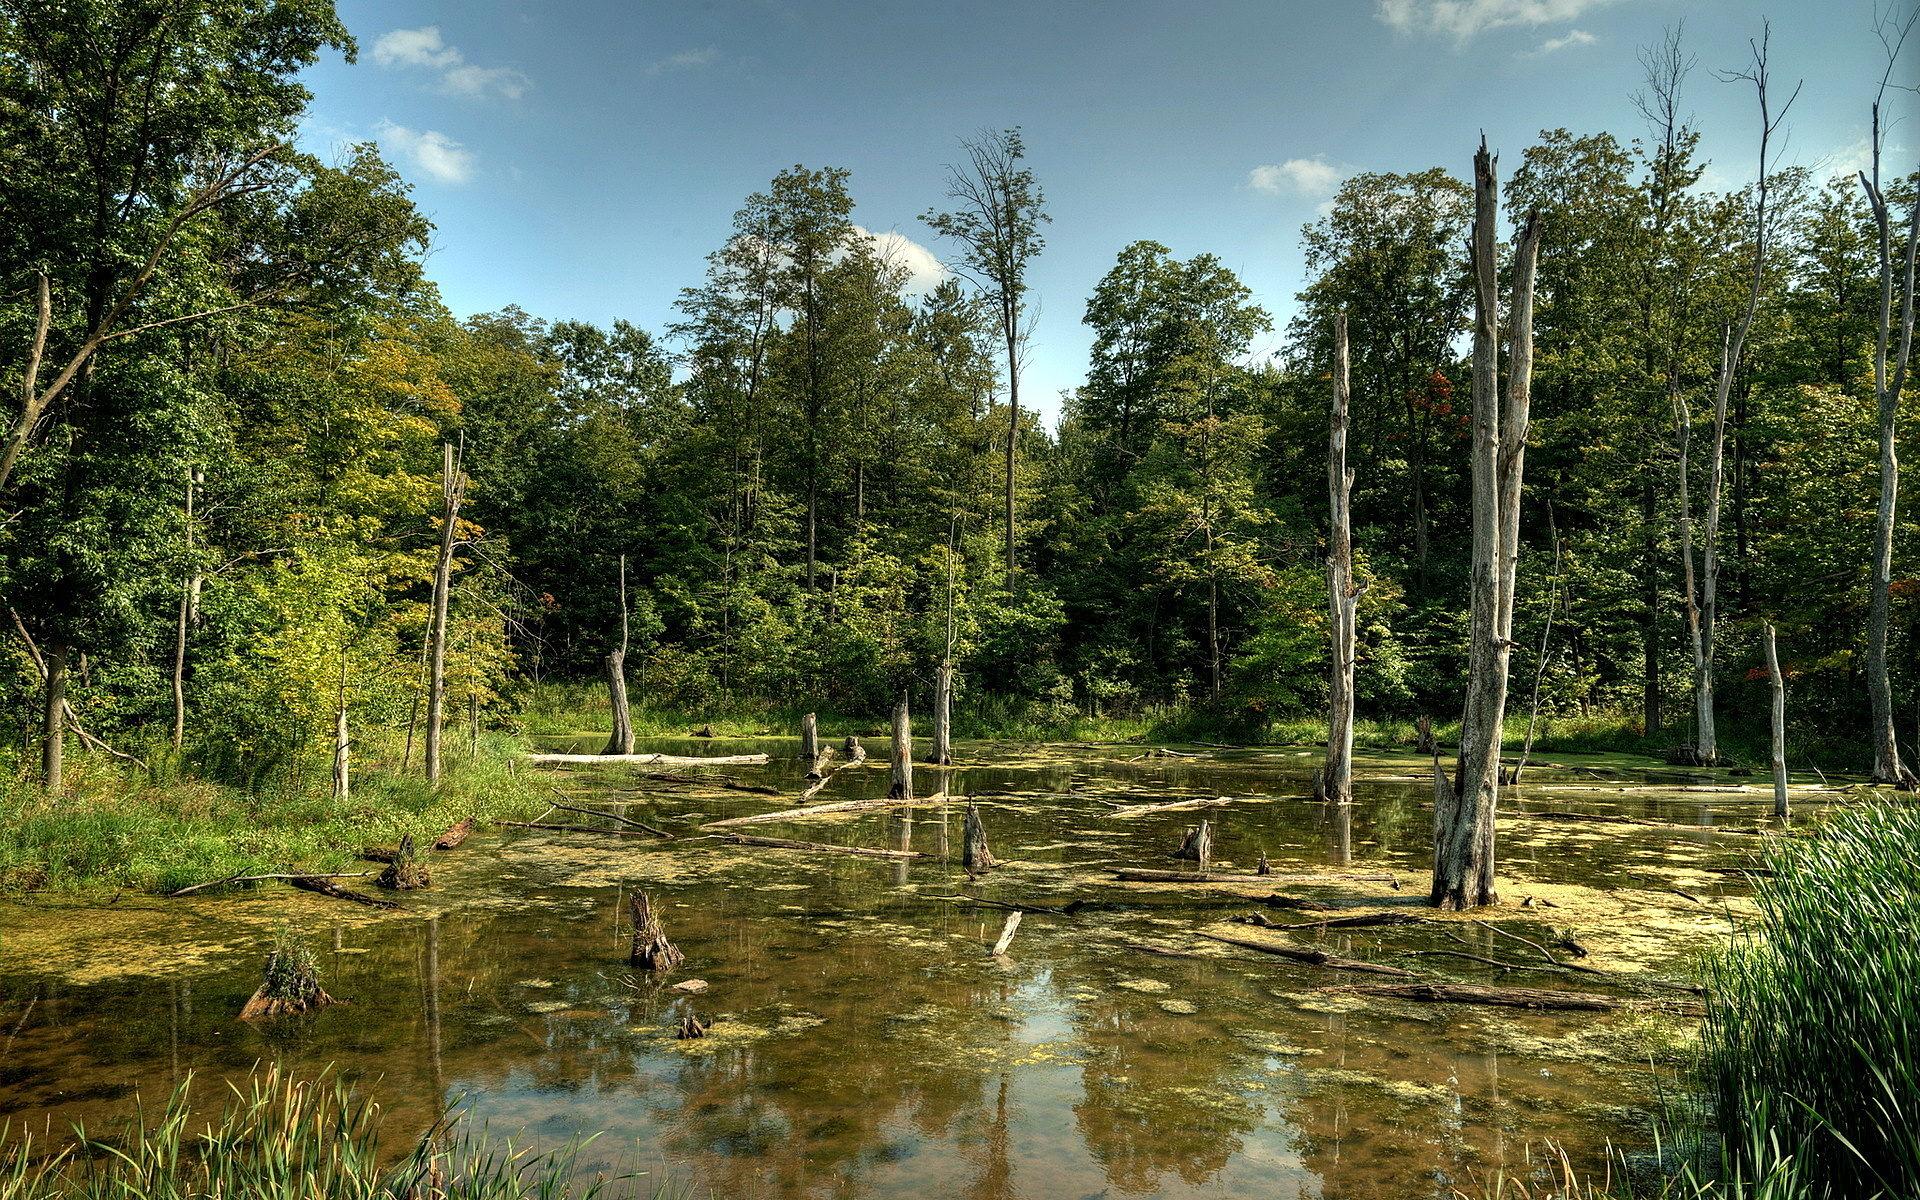 Белорусские болота могут вместить в себя Черногорию